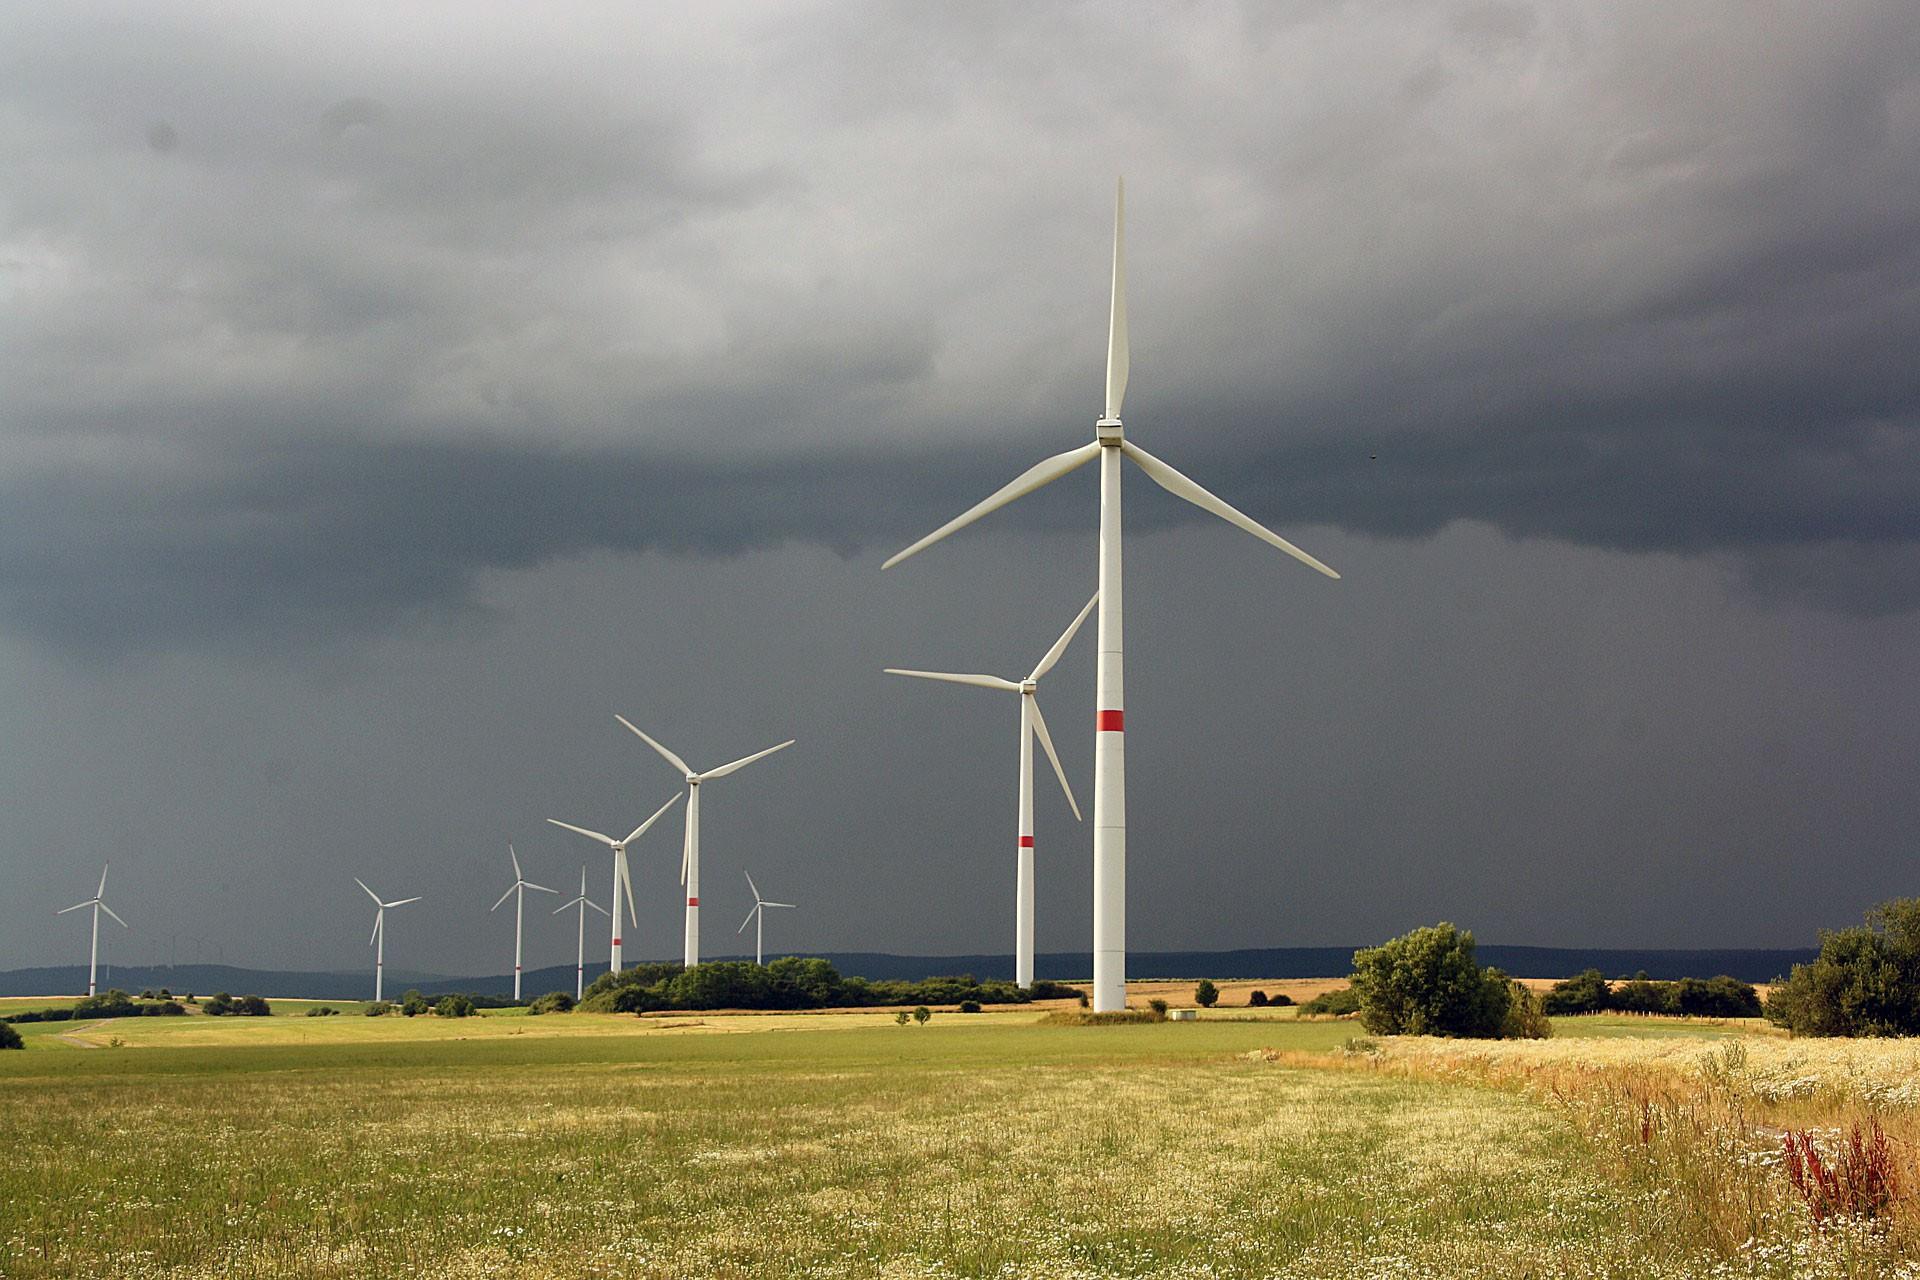 Danimarka enerji şirketlerine para akışını durdurdu